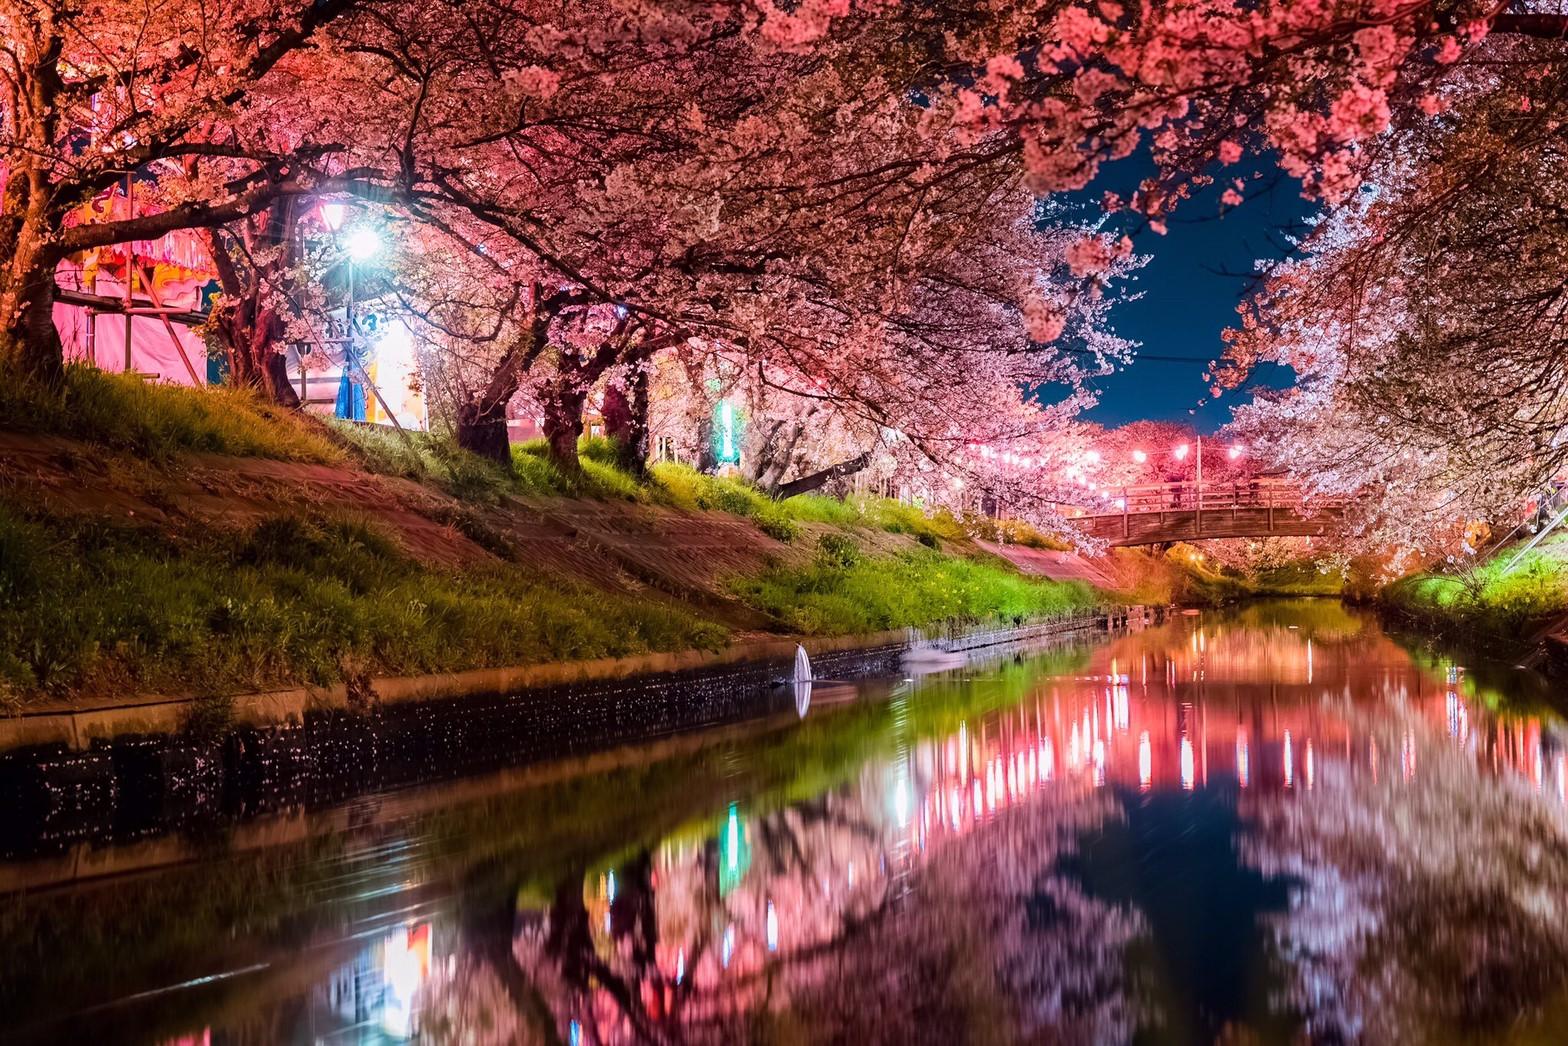 【穴場】千葉県の絶景桜の撮影スポットは?海老川に咲き誇る桜祭りの詳細情報についてご紹介!